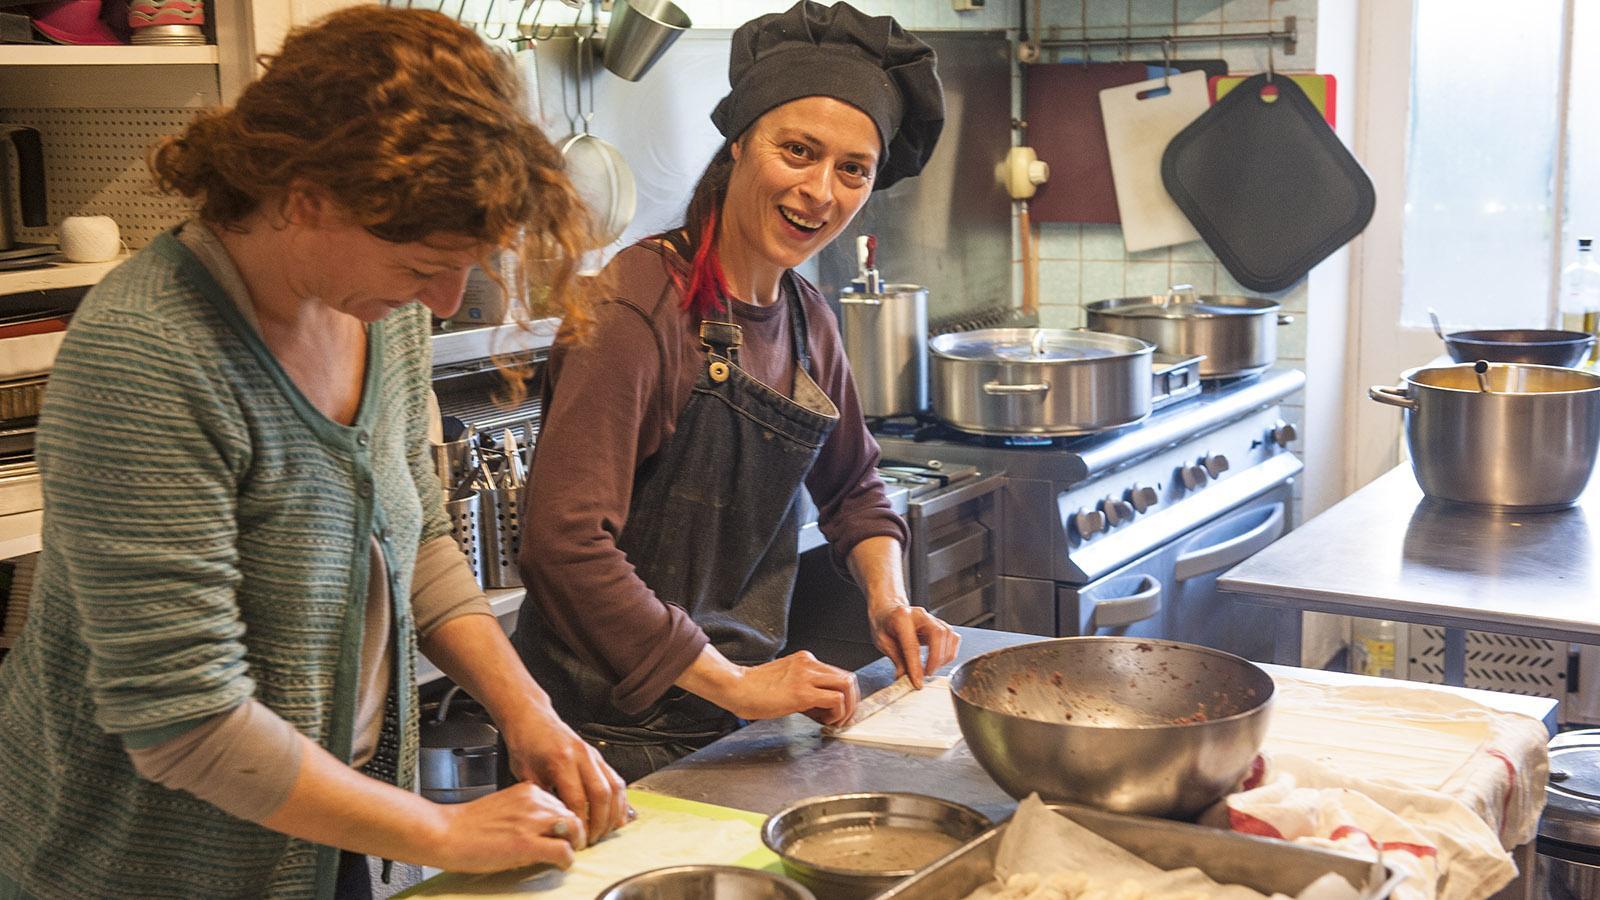 Simorre: Alles, was aus der Küche kommt, stammt von lokalen Produzenten und wird frisch zubereitet. Foto: Hilke Maunder